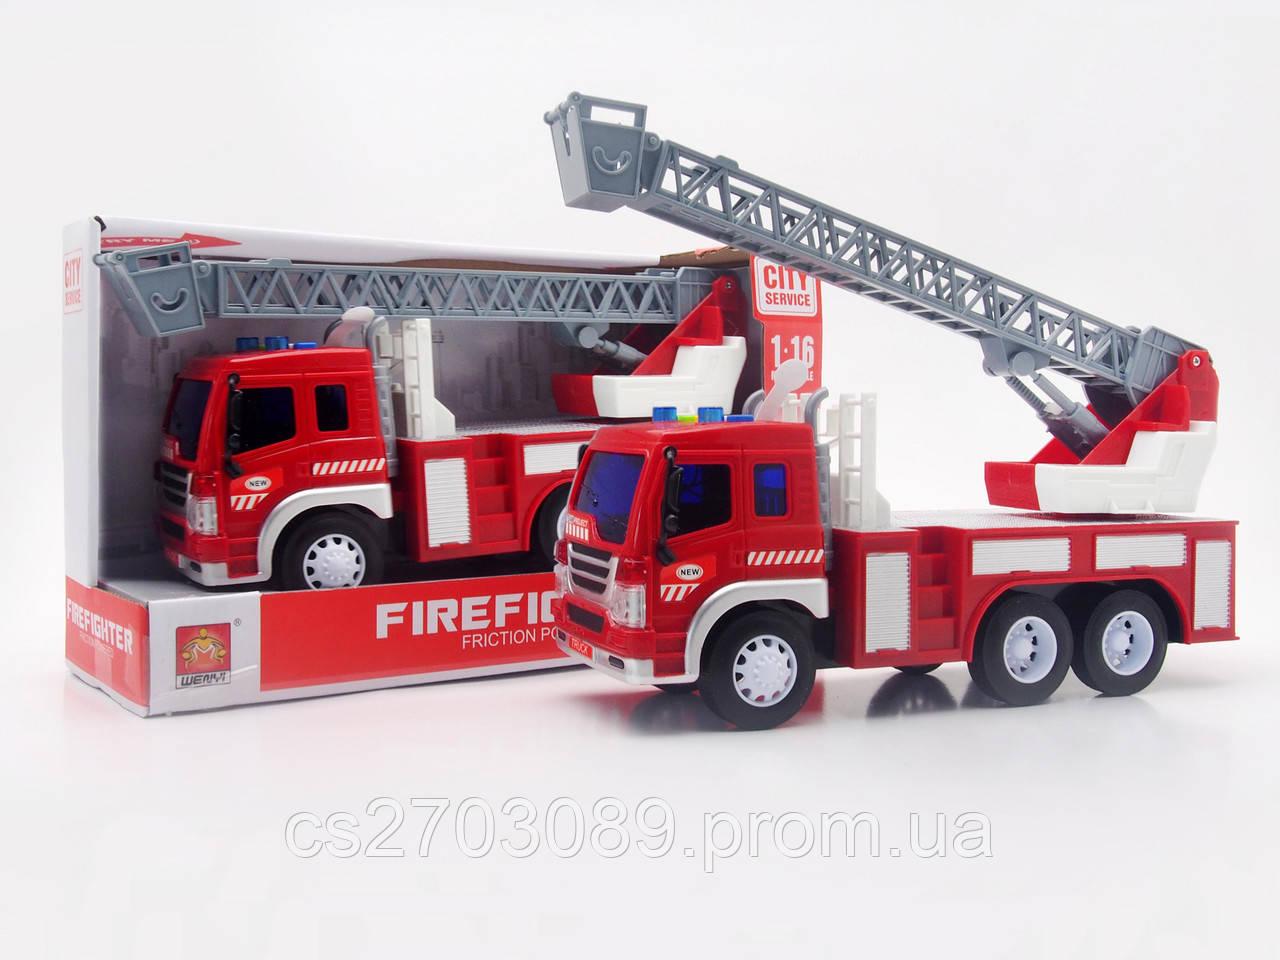 Фрикционная машинка пожарная со светом и звуком